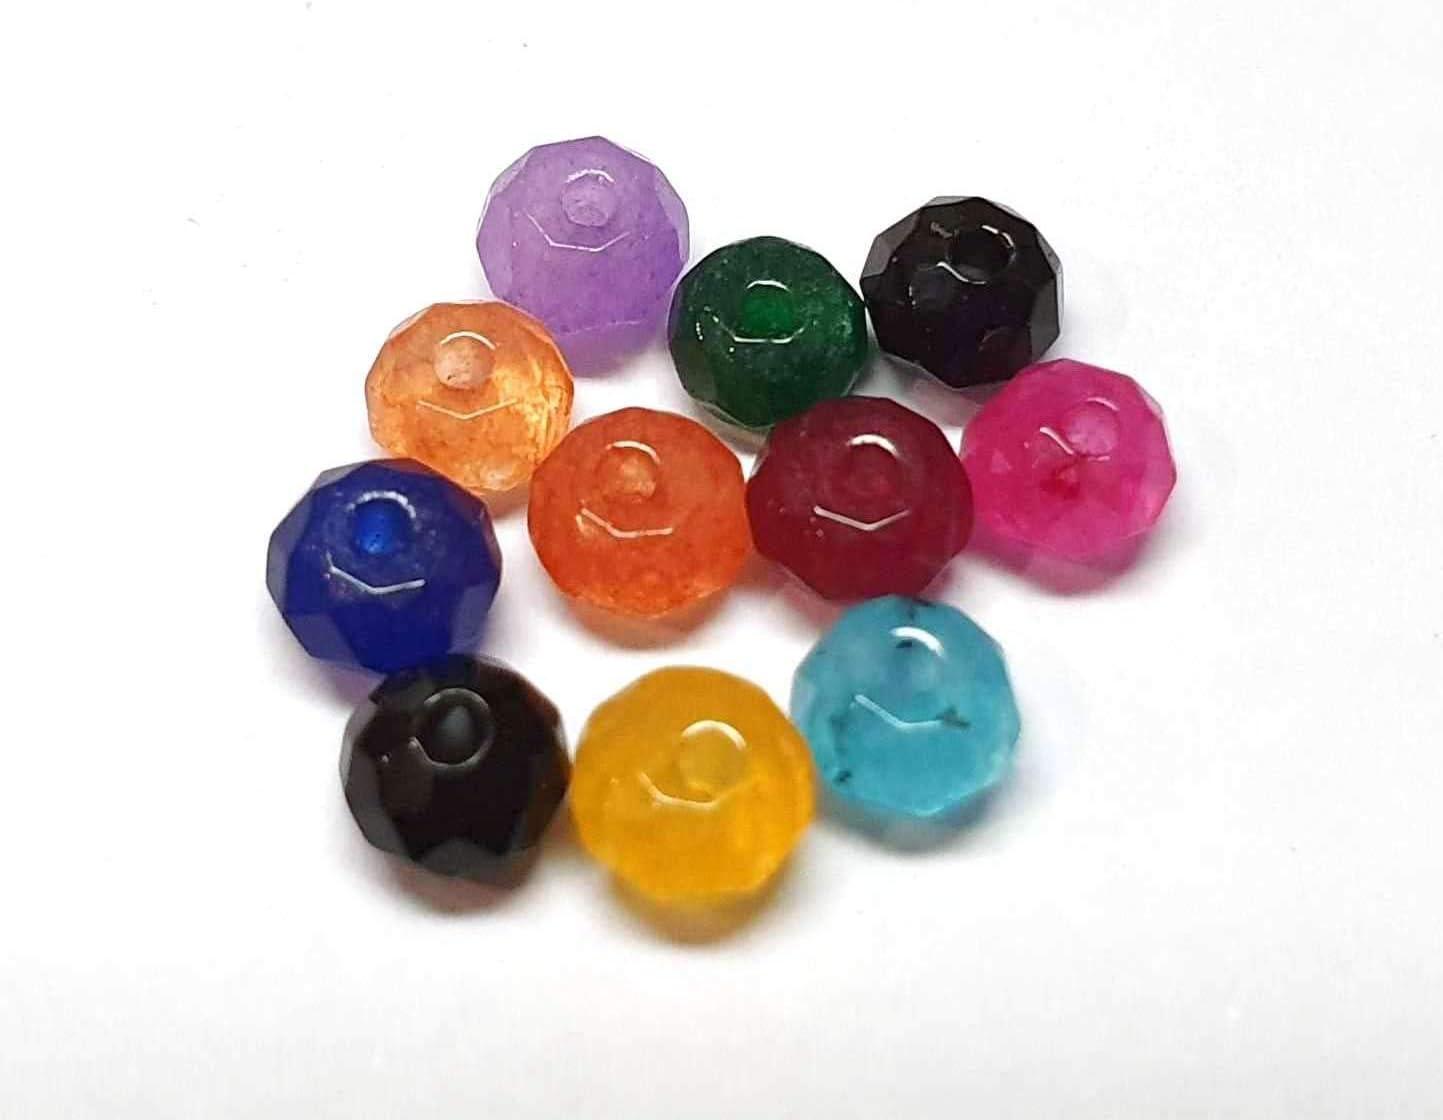 Grüner Chalcedon 1 Strang Edelstein Perlen #4221 Lemon Chrysopras Perlen 6 mm